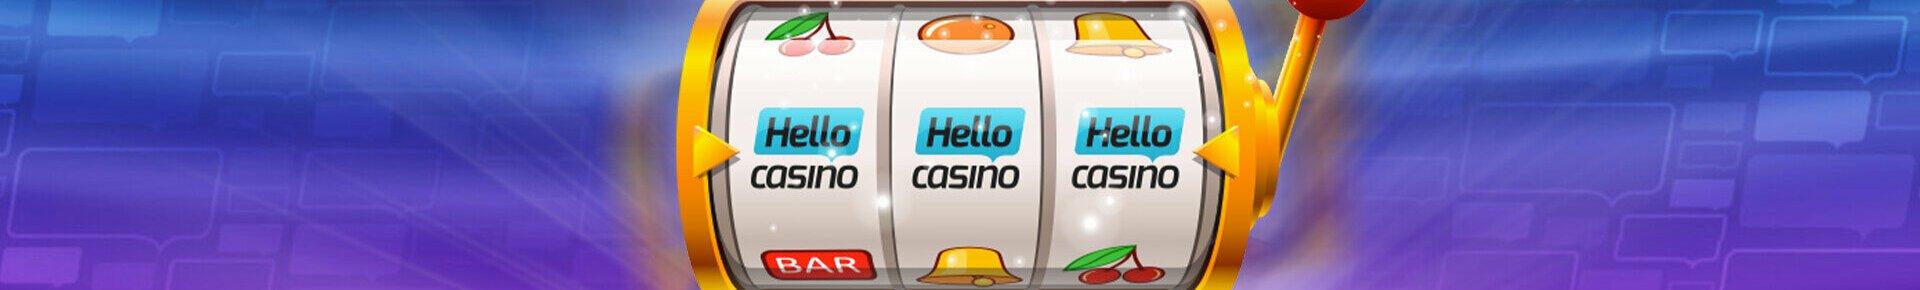 Hello Casino review CA